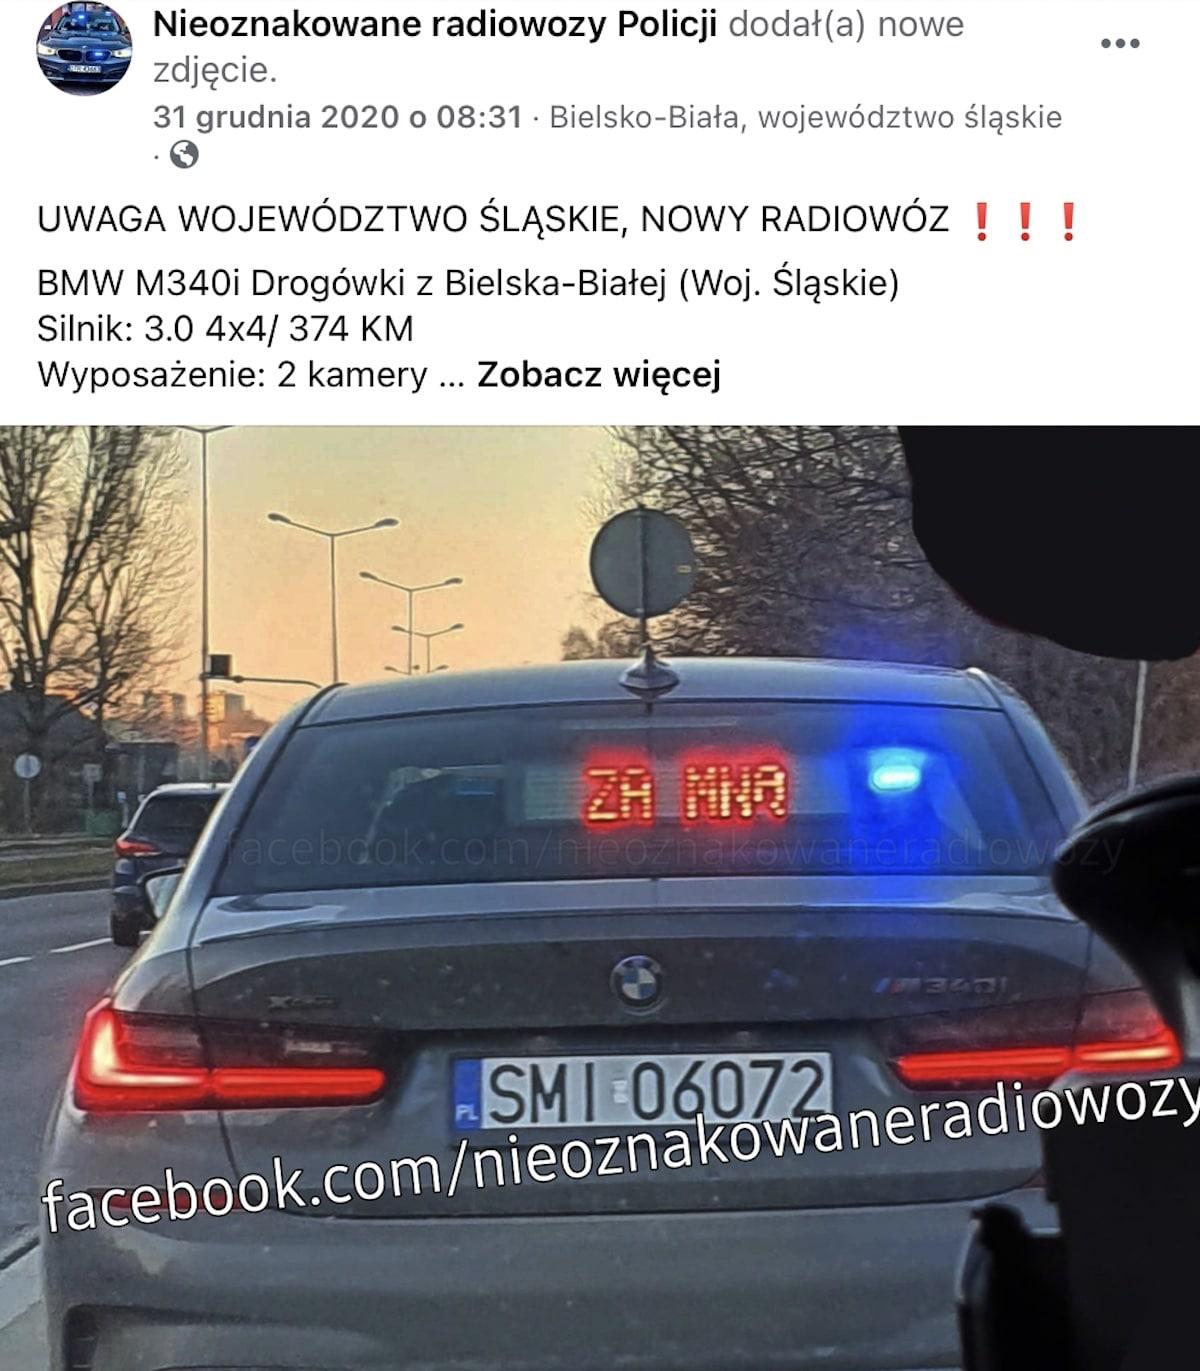 BMW M340i xDrive: nieoznakowany radiowóz